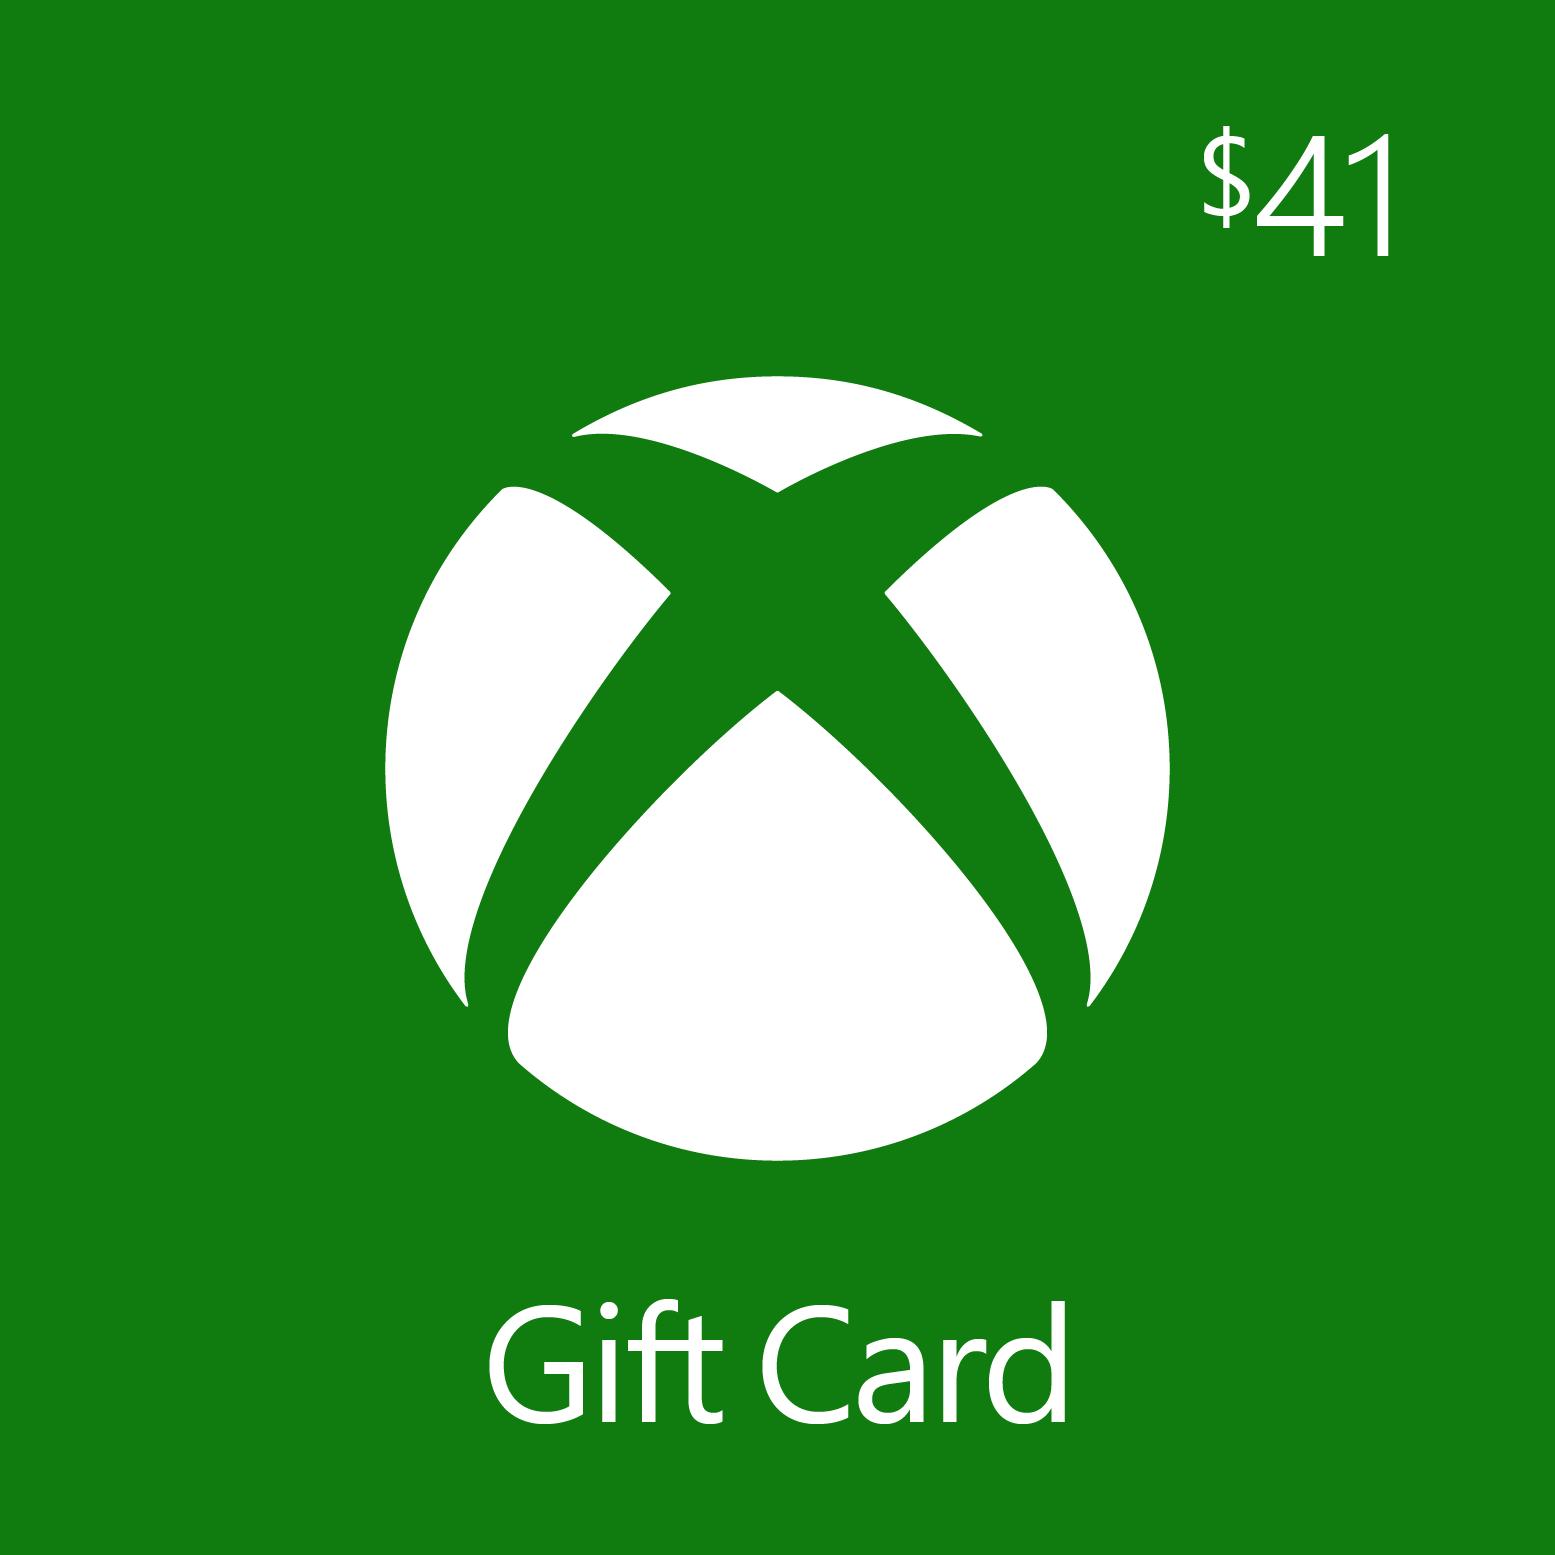 $41.00 Xbox Digital Gift Card